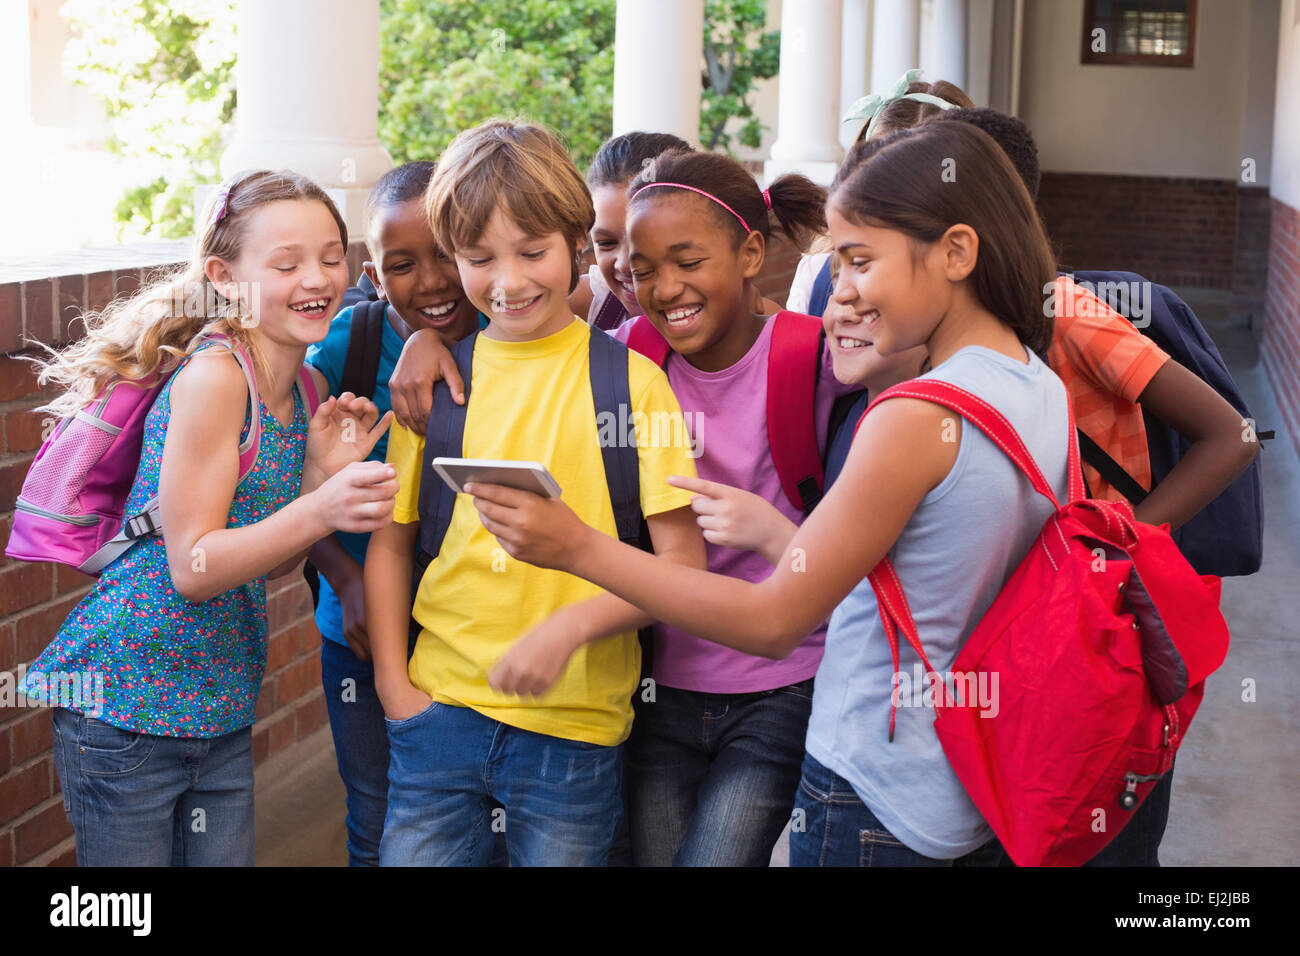 Les élèves à l'aide de téléphone mobile mignon Photo Stock